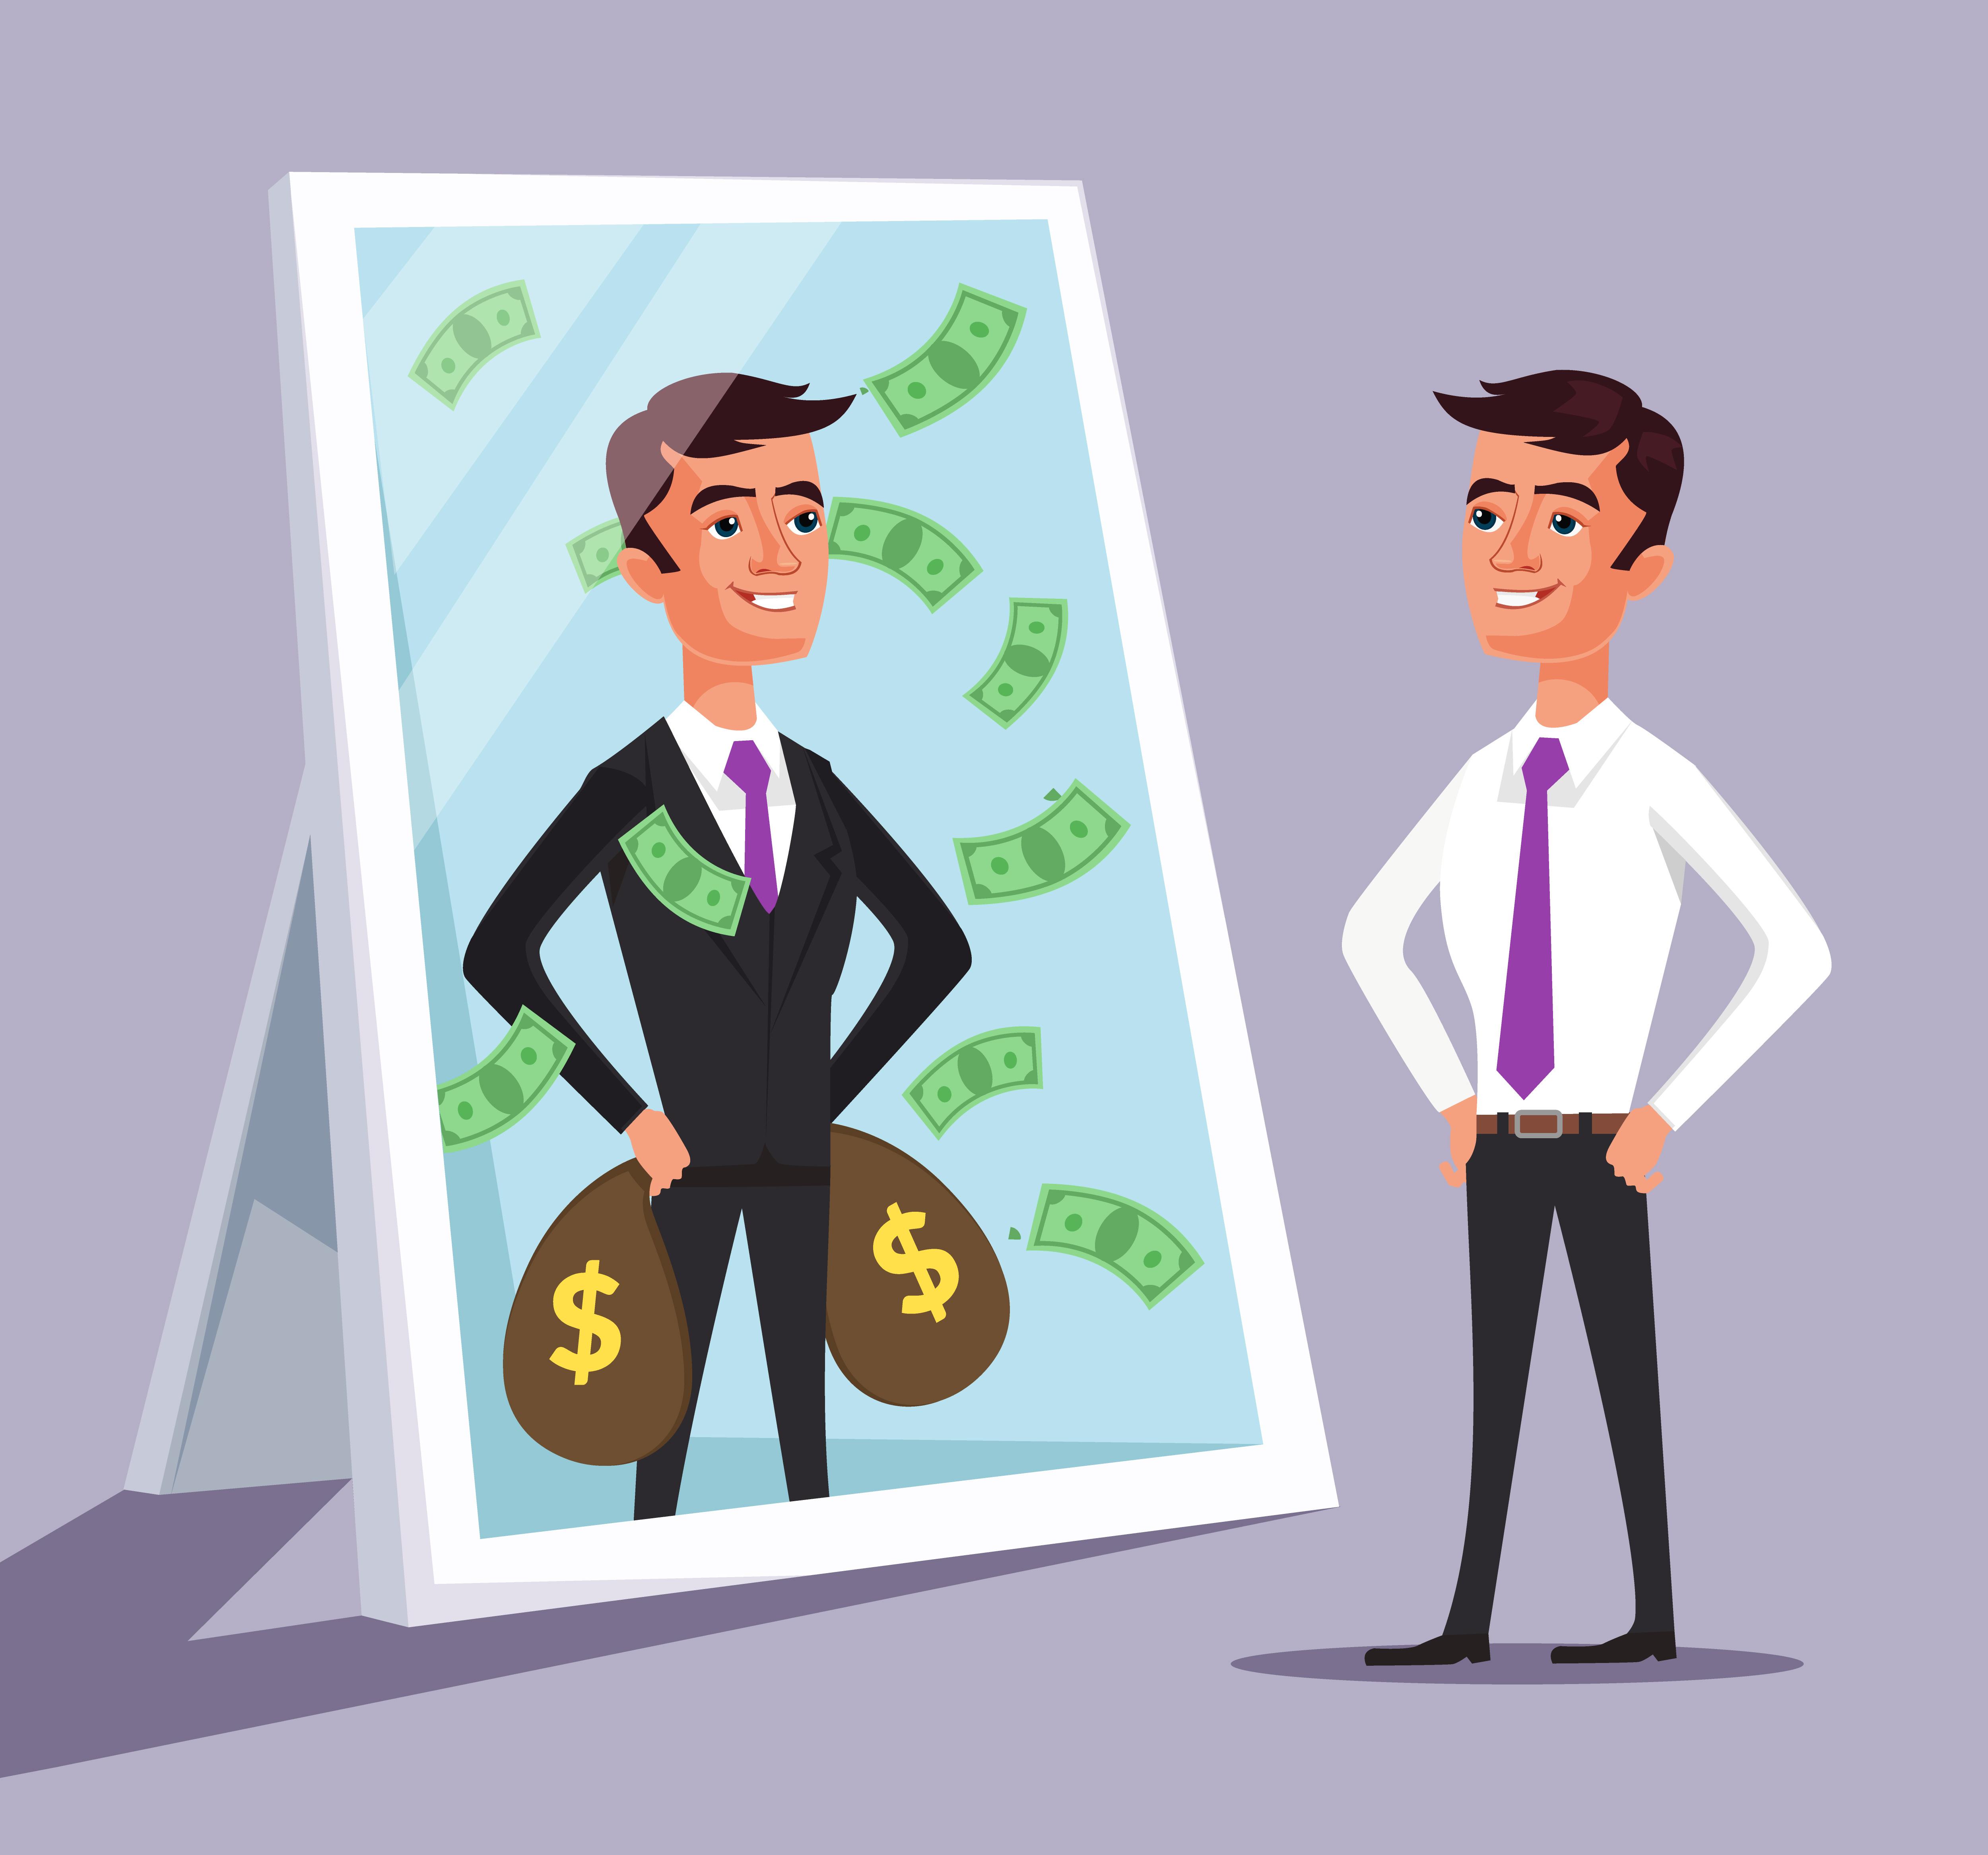 Опрос: каких знаний вам недостает в бизнесе. Бонус всем ответившим - билет на мастер-класс о систематизации бизнеса